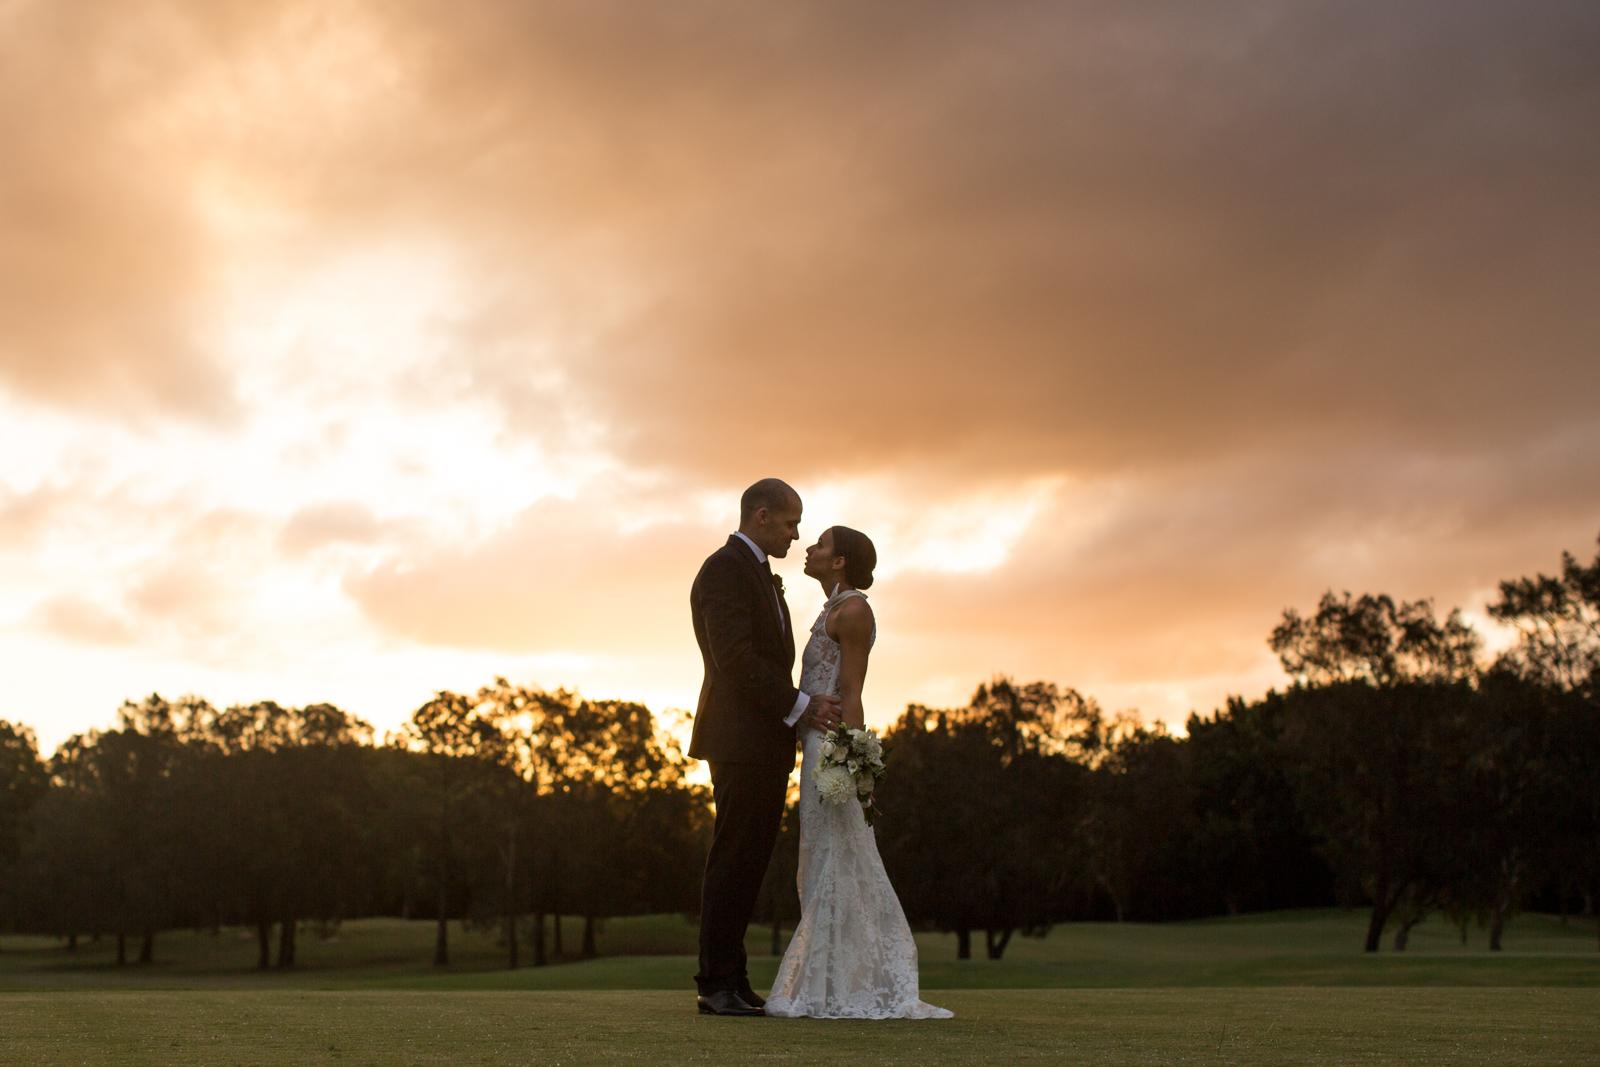 133-Bec_Kilpatrick_Photography_Bianca_and_Chris_GoldCoast_Wedding_DancingATP_763622